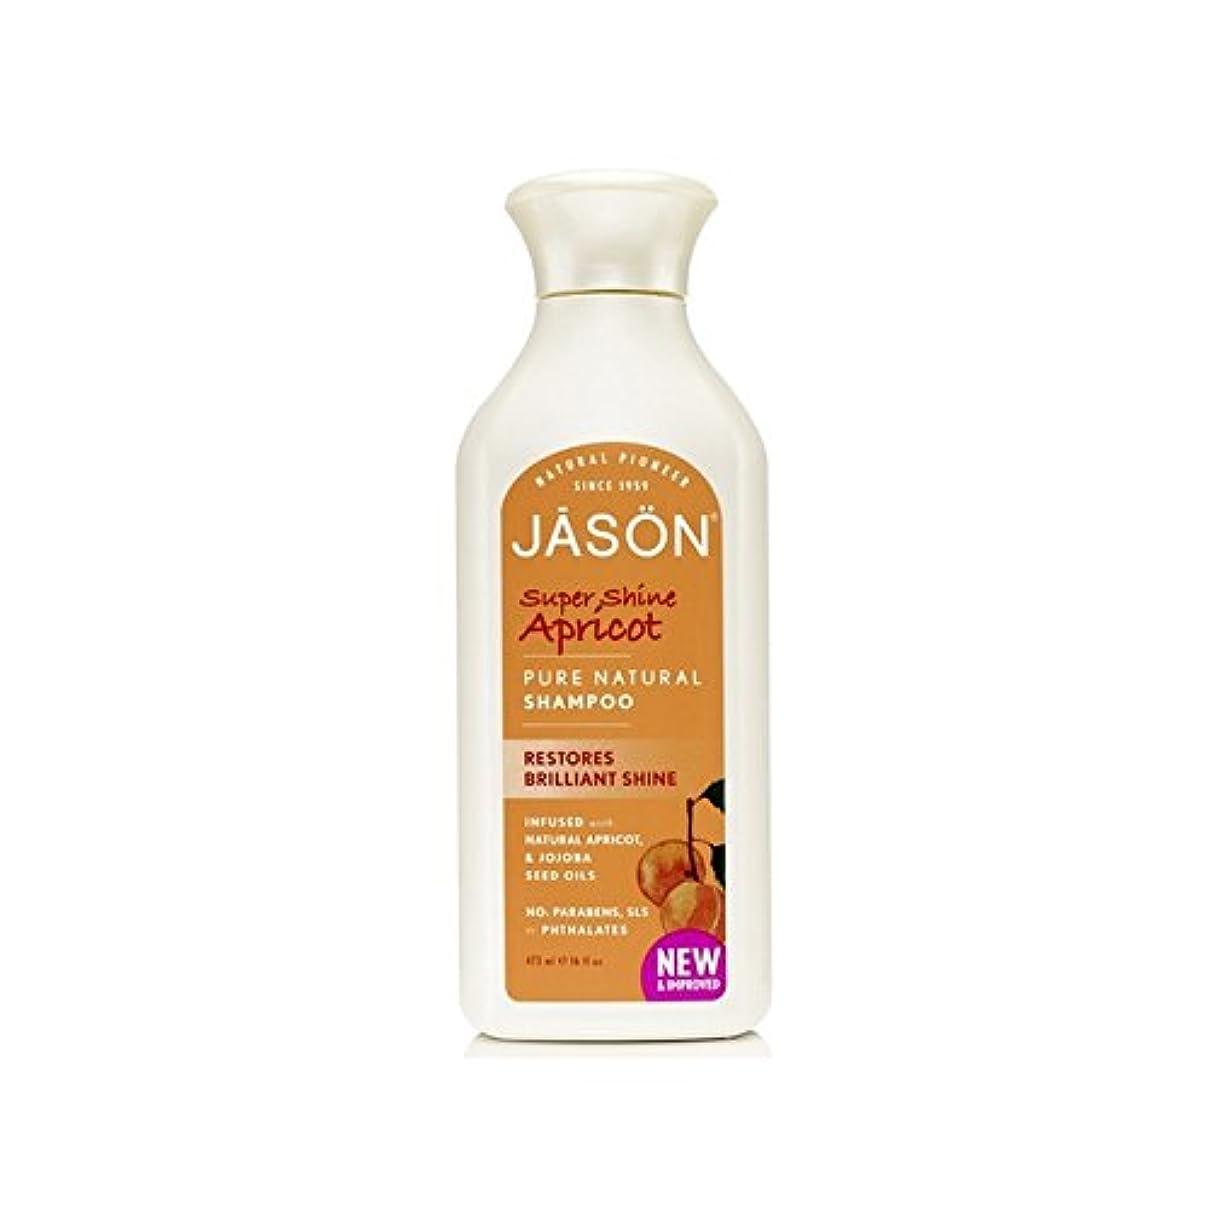 ソファーのれんブリリアントジェイソン有機アプリコットシャンプー(473ミリリットル) x2 - Jason Organic Apricot Shampoo (473ml) (Pack of 2) [並行輸入品]